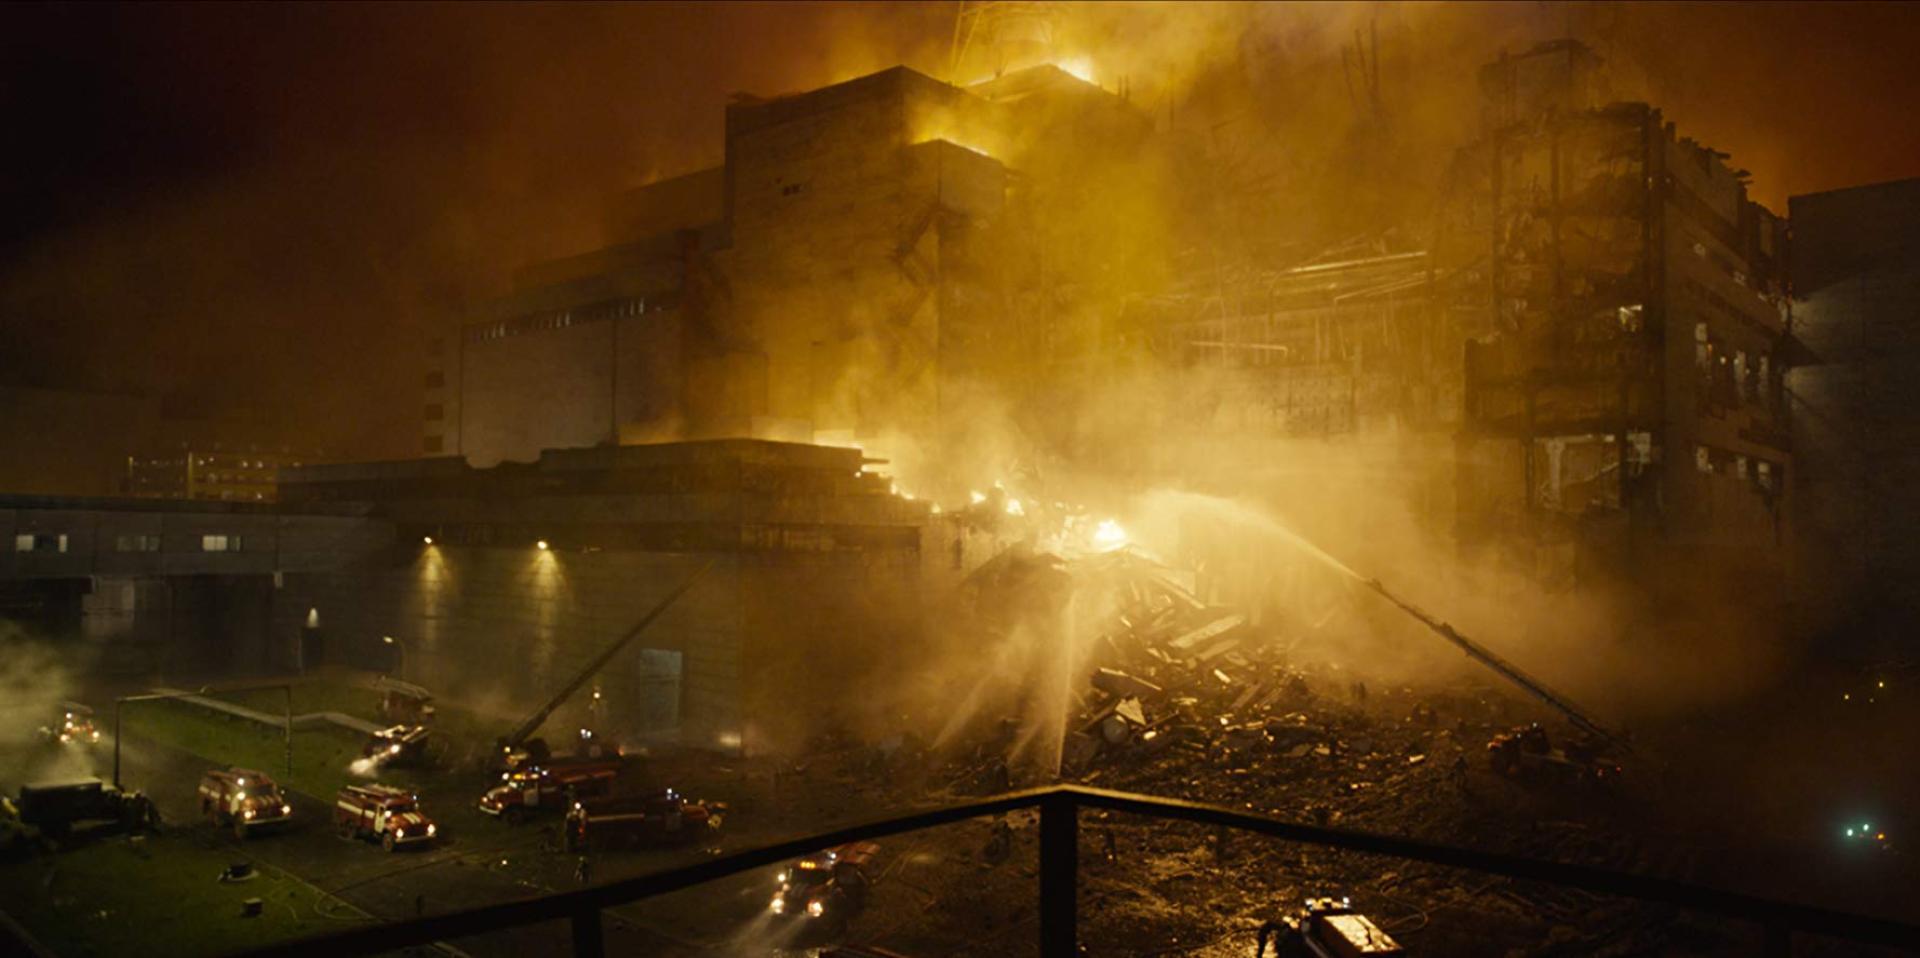 chernobyl_2_kep